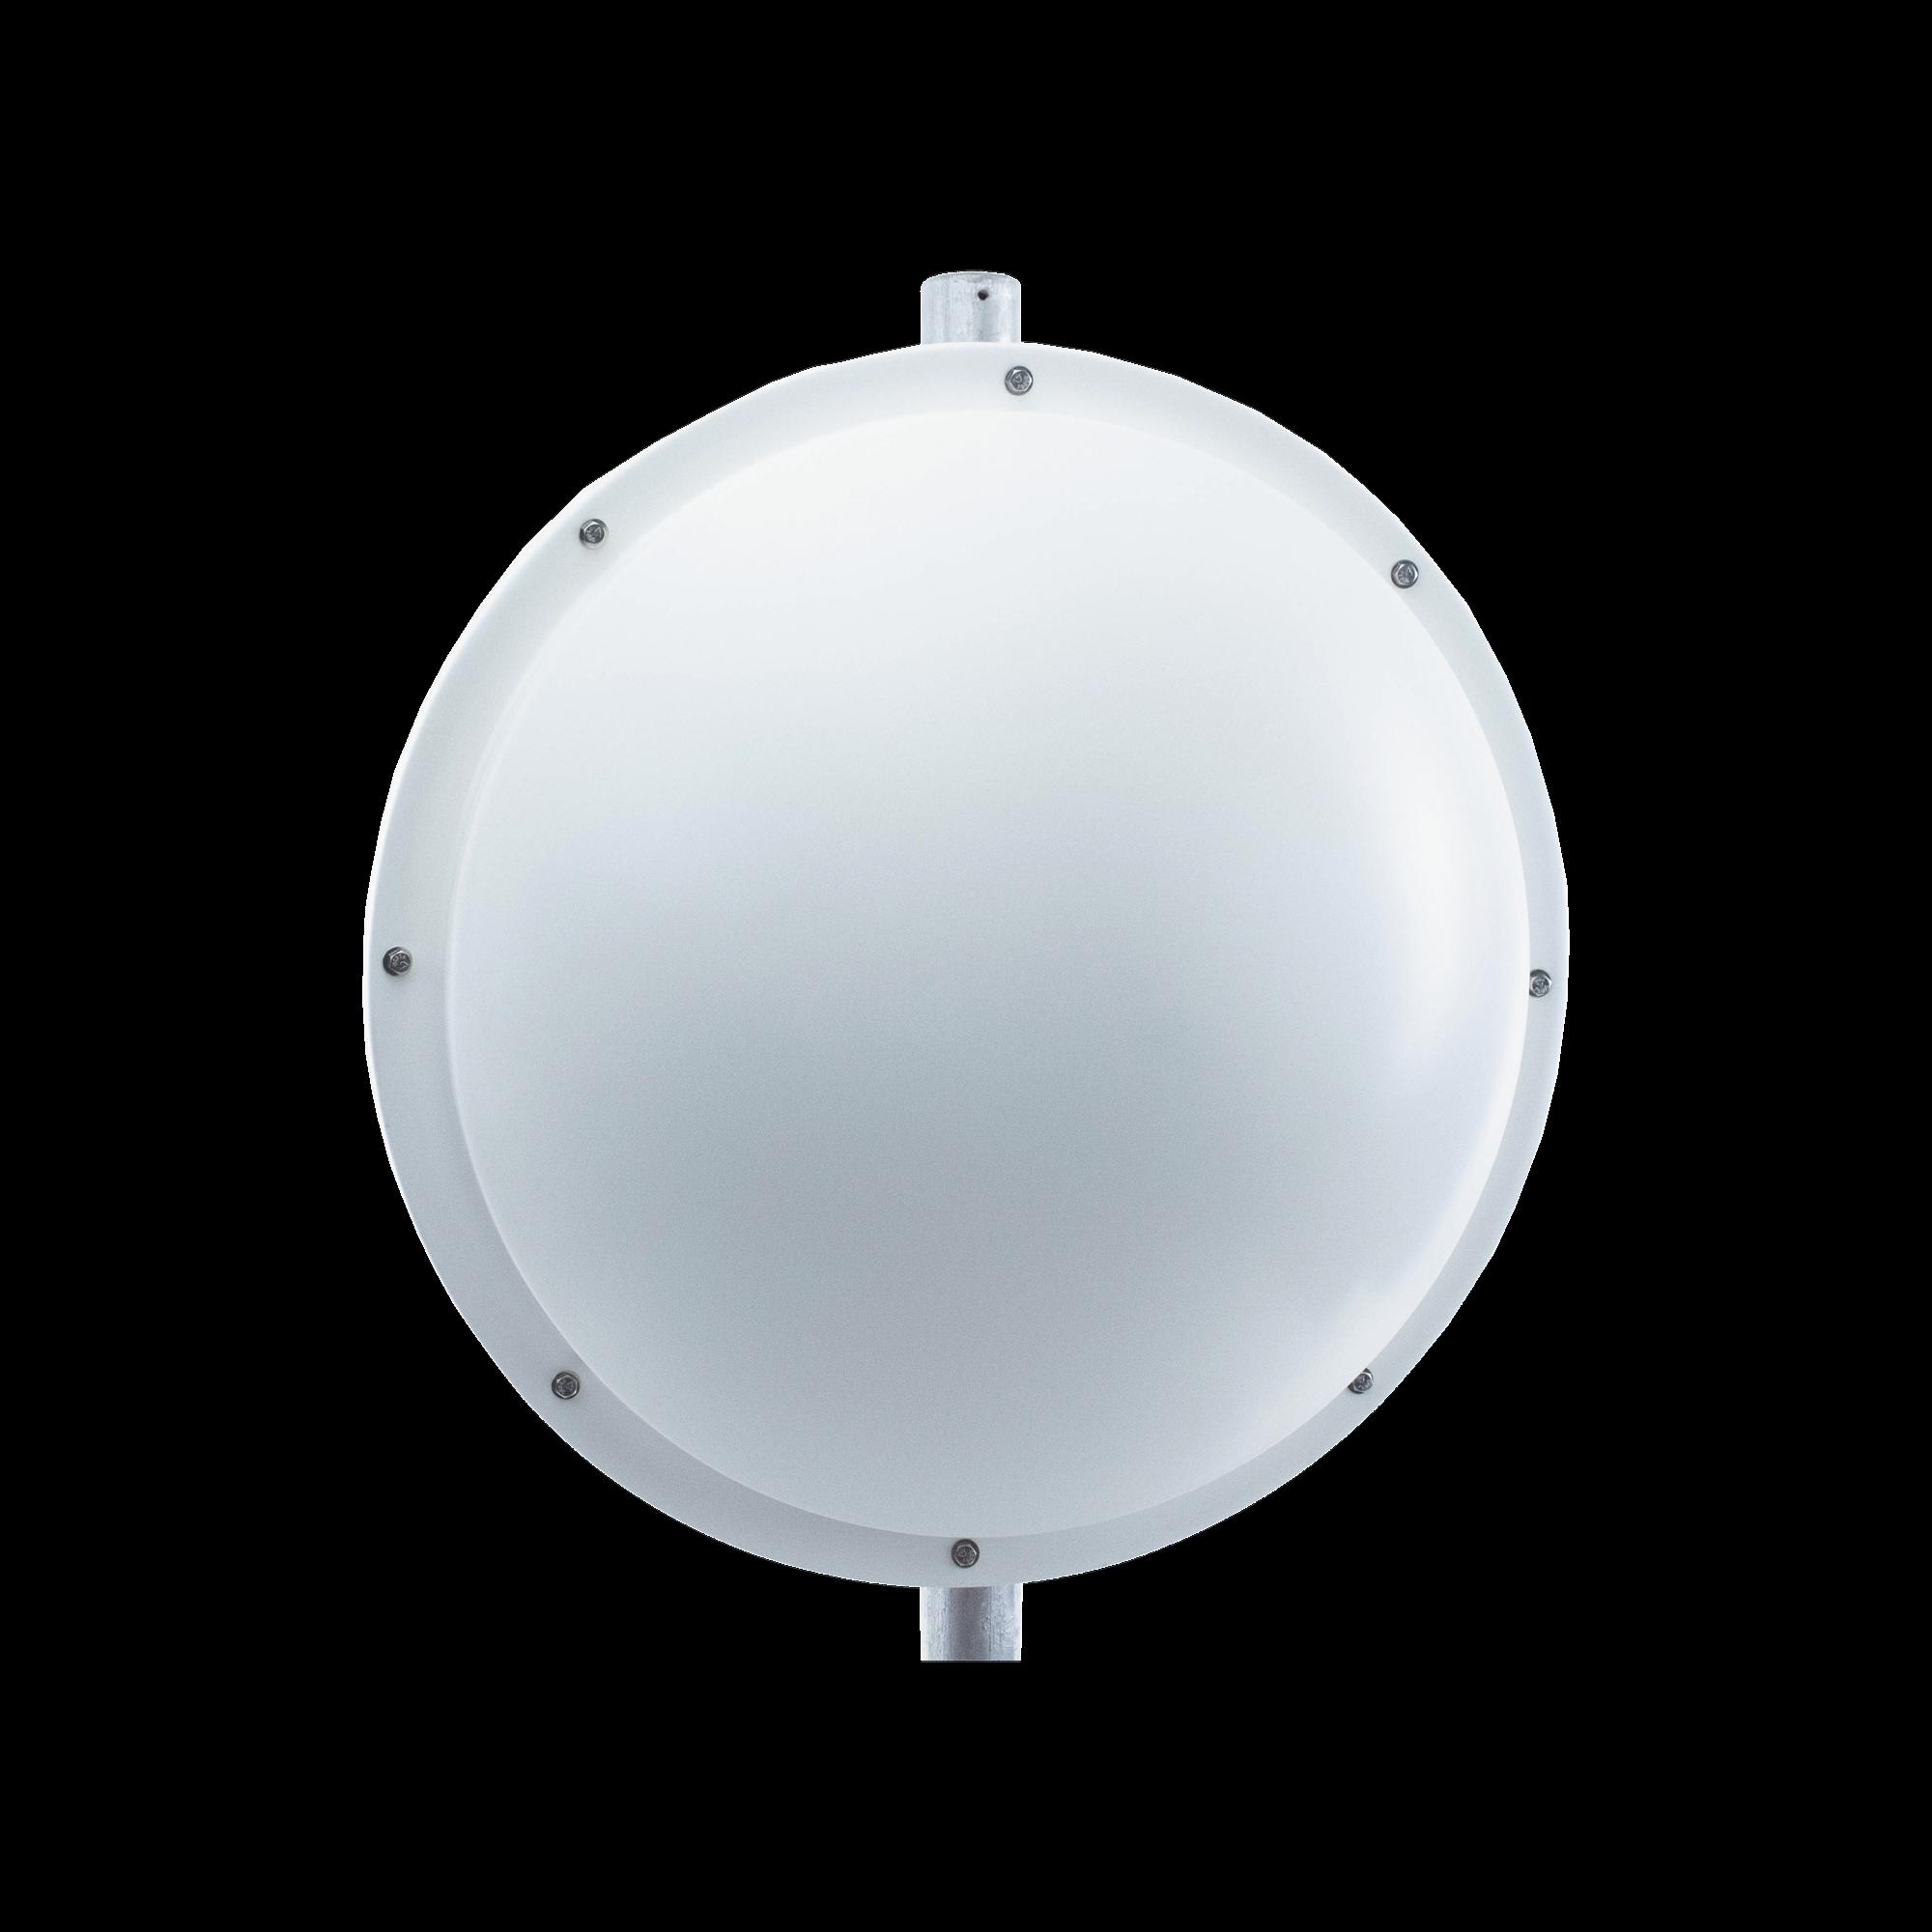 Antena de uso rudo para zona salinas de 3 ft, 4.9-6.2 GHz, Ganancia 34 dBi con SLANT de 45 ? y 90?, Conectores N-hembra, y montaje incluido.